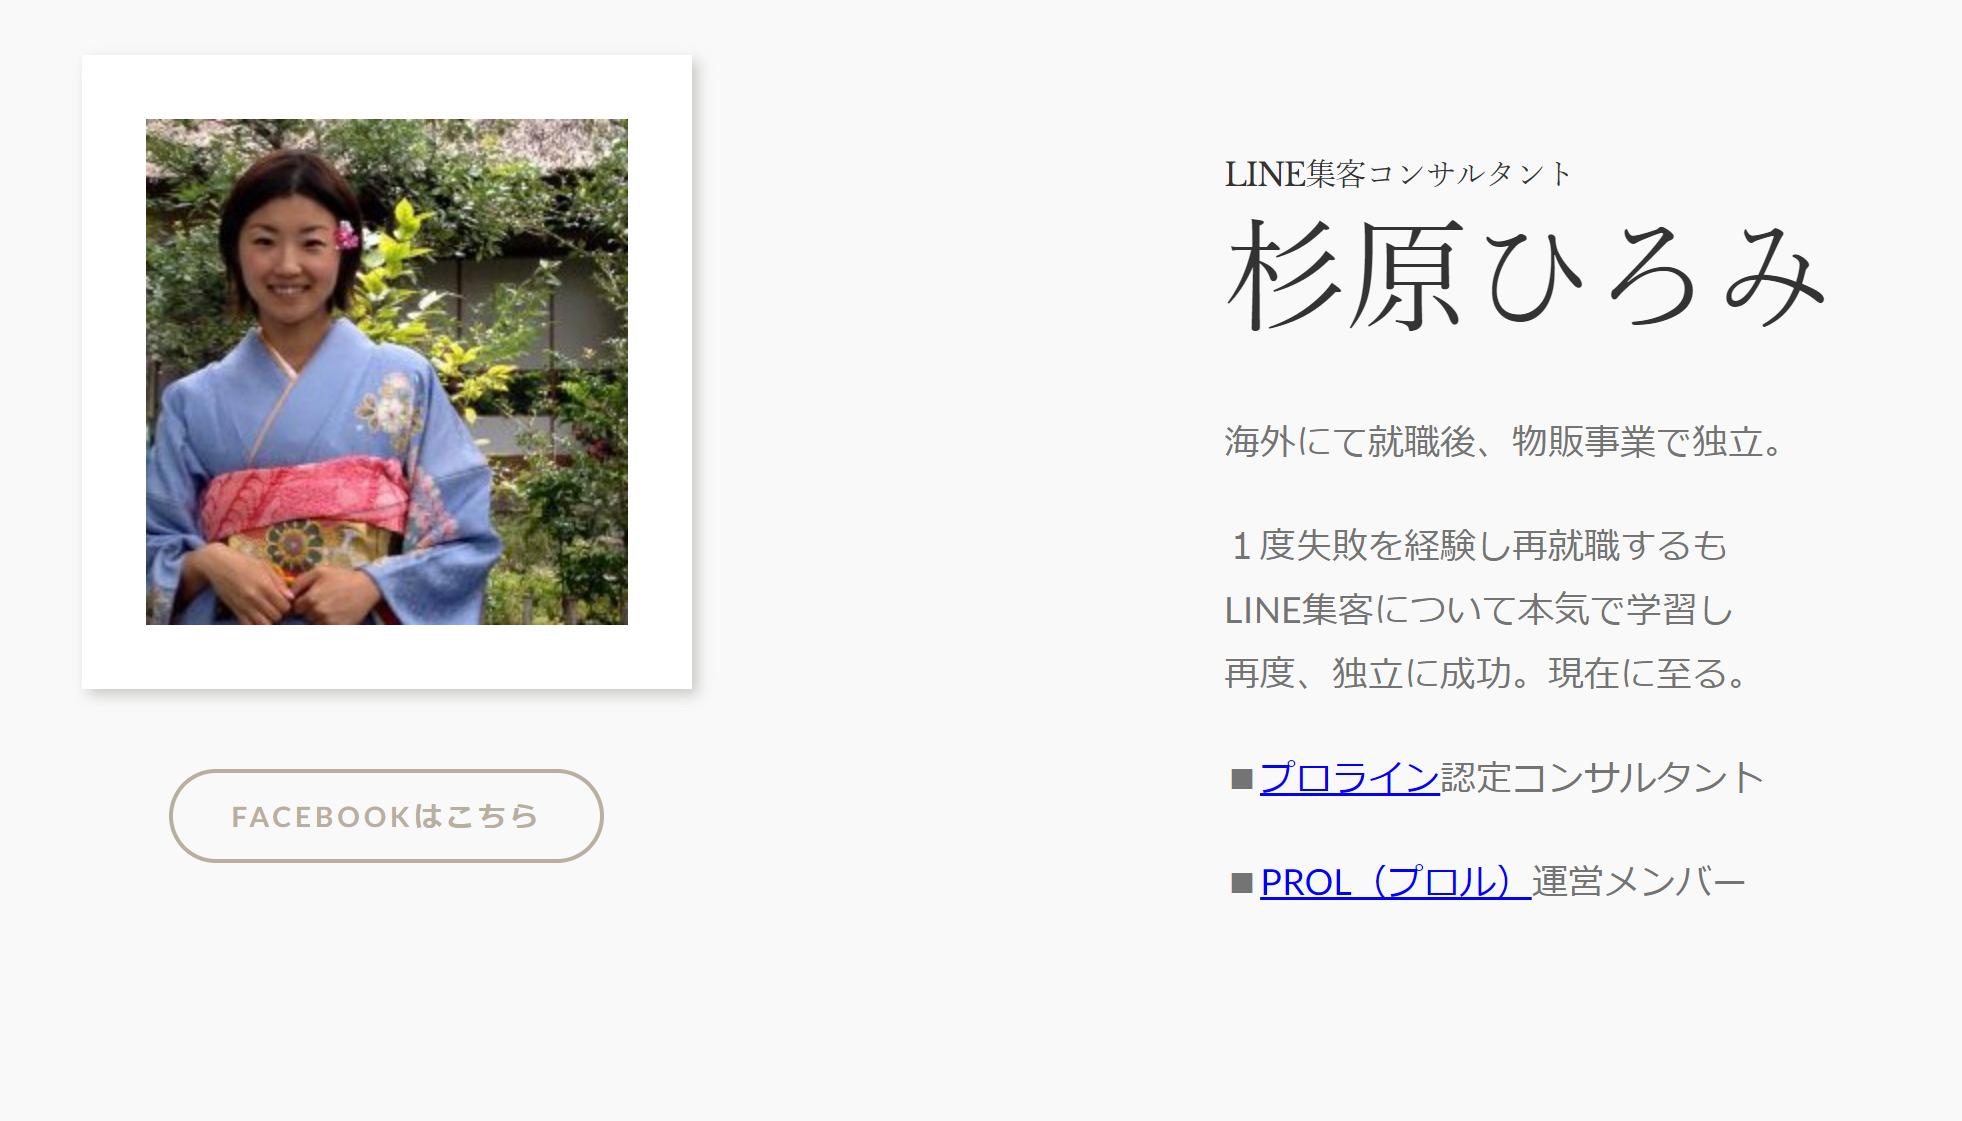 FLINE(フライン)代表の杉原ひろみさん